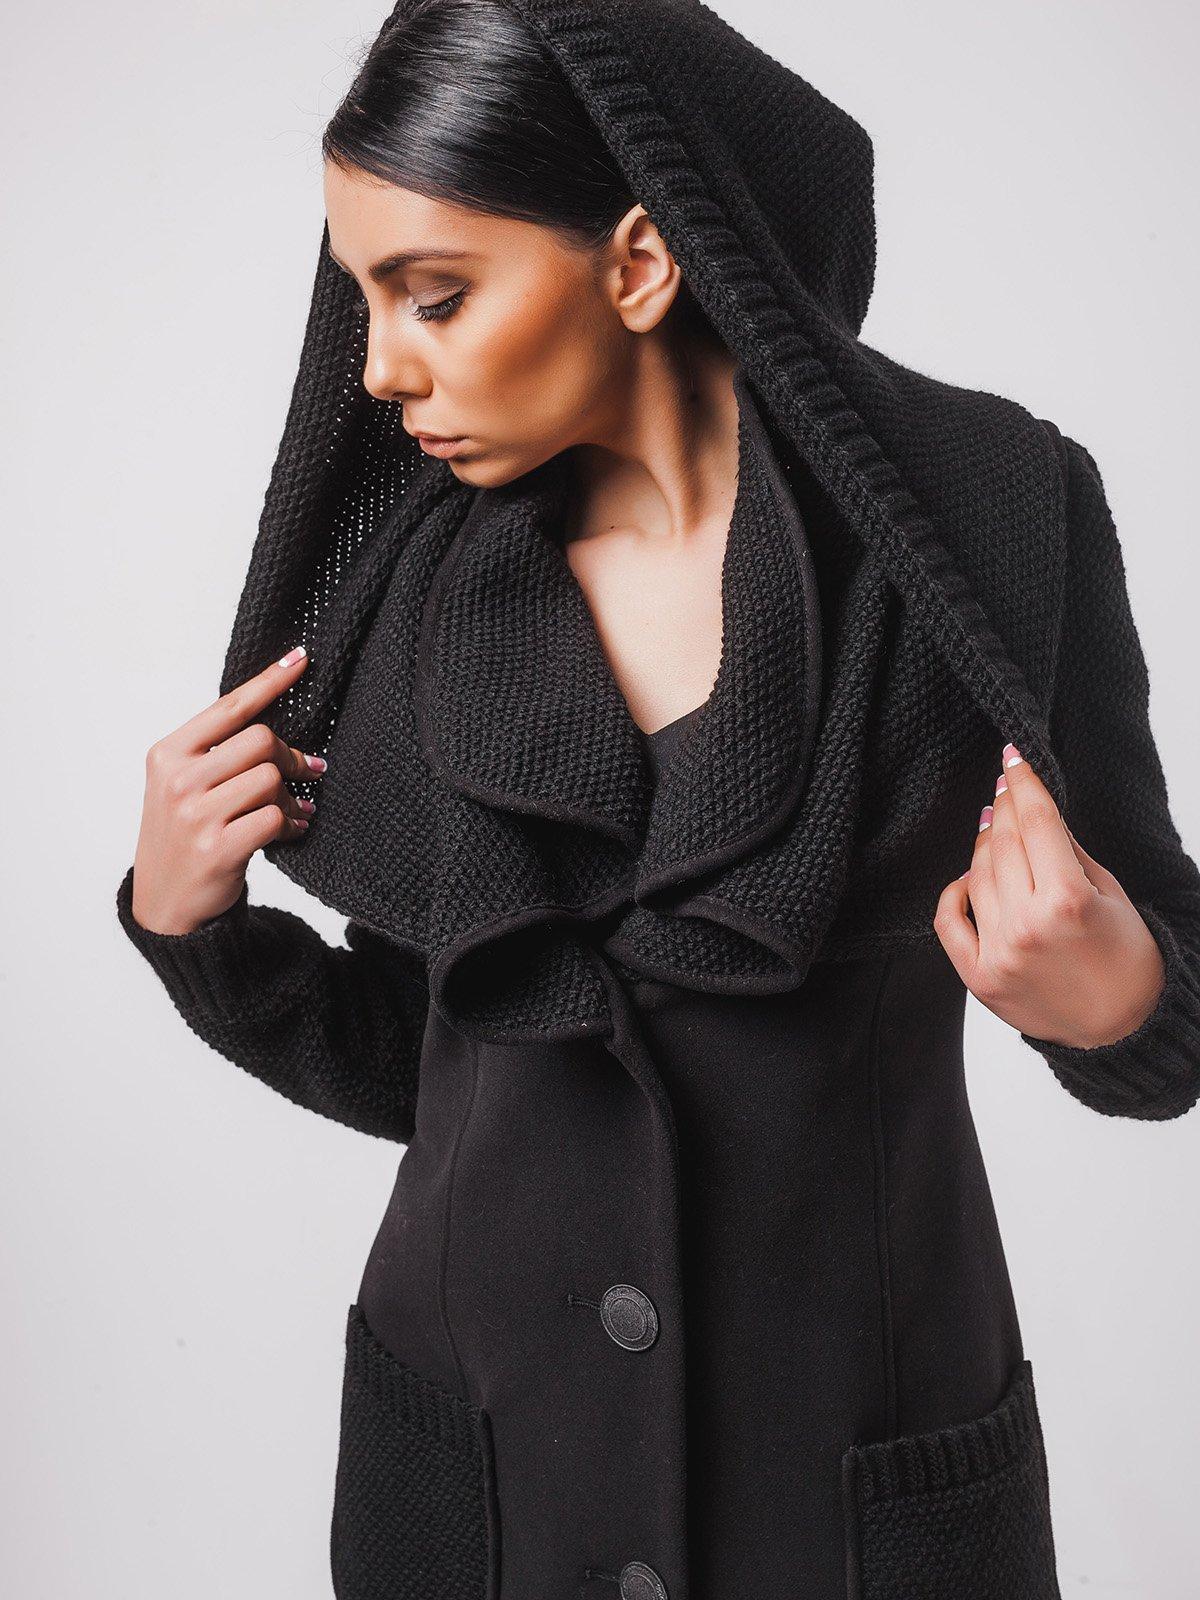 Пальто чорне   2107053   фото 2